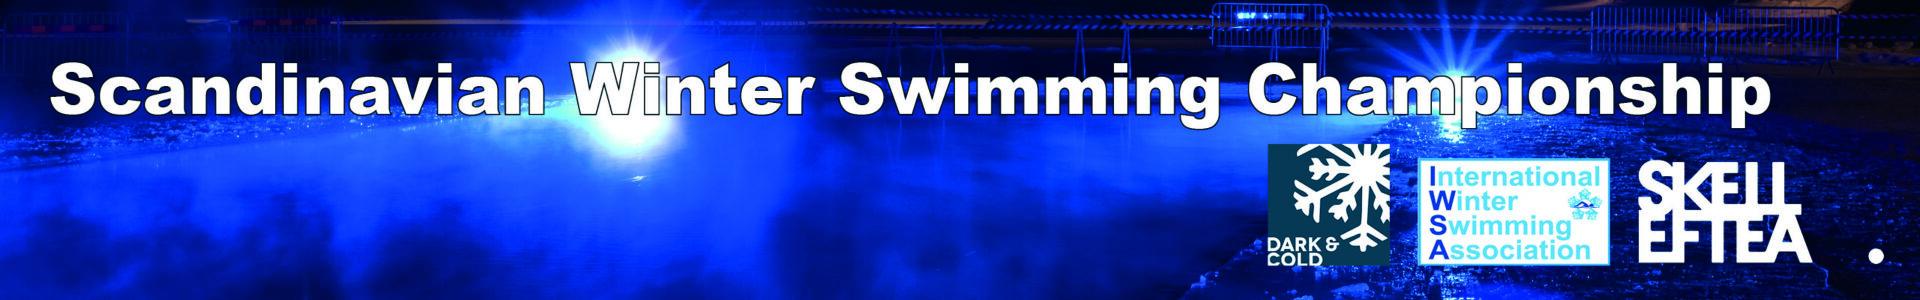 Scandinavian Winter Swimming Championship 2021